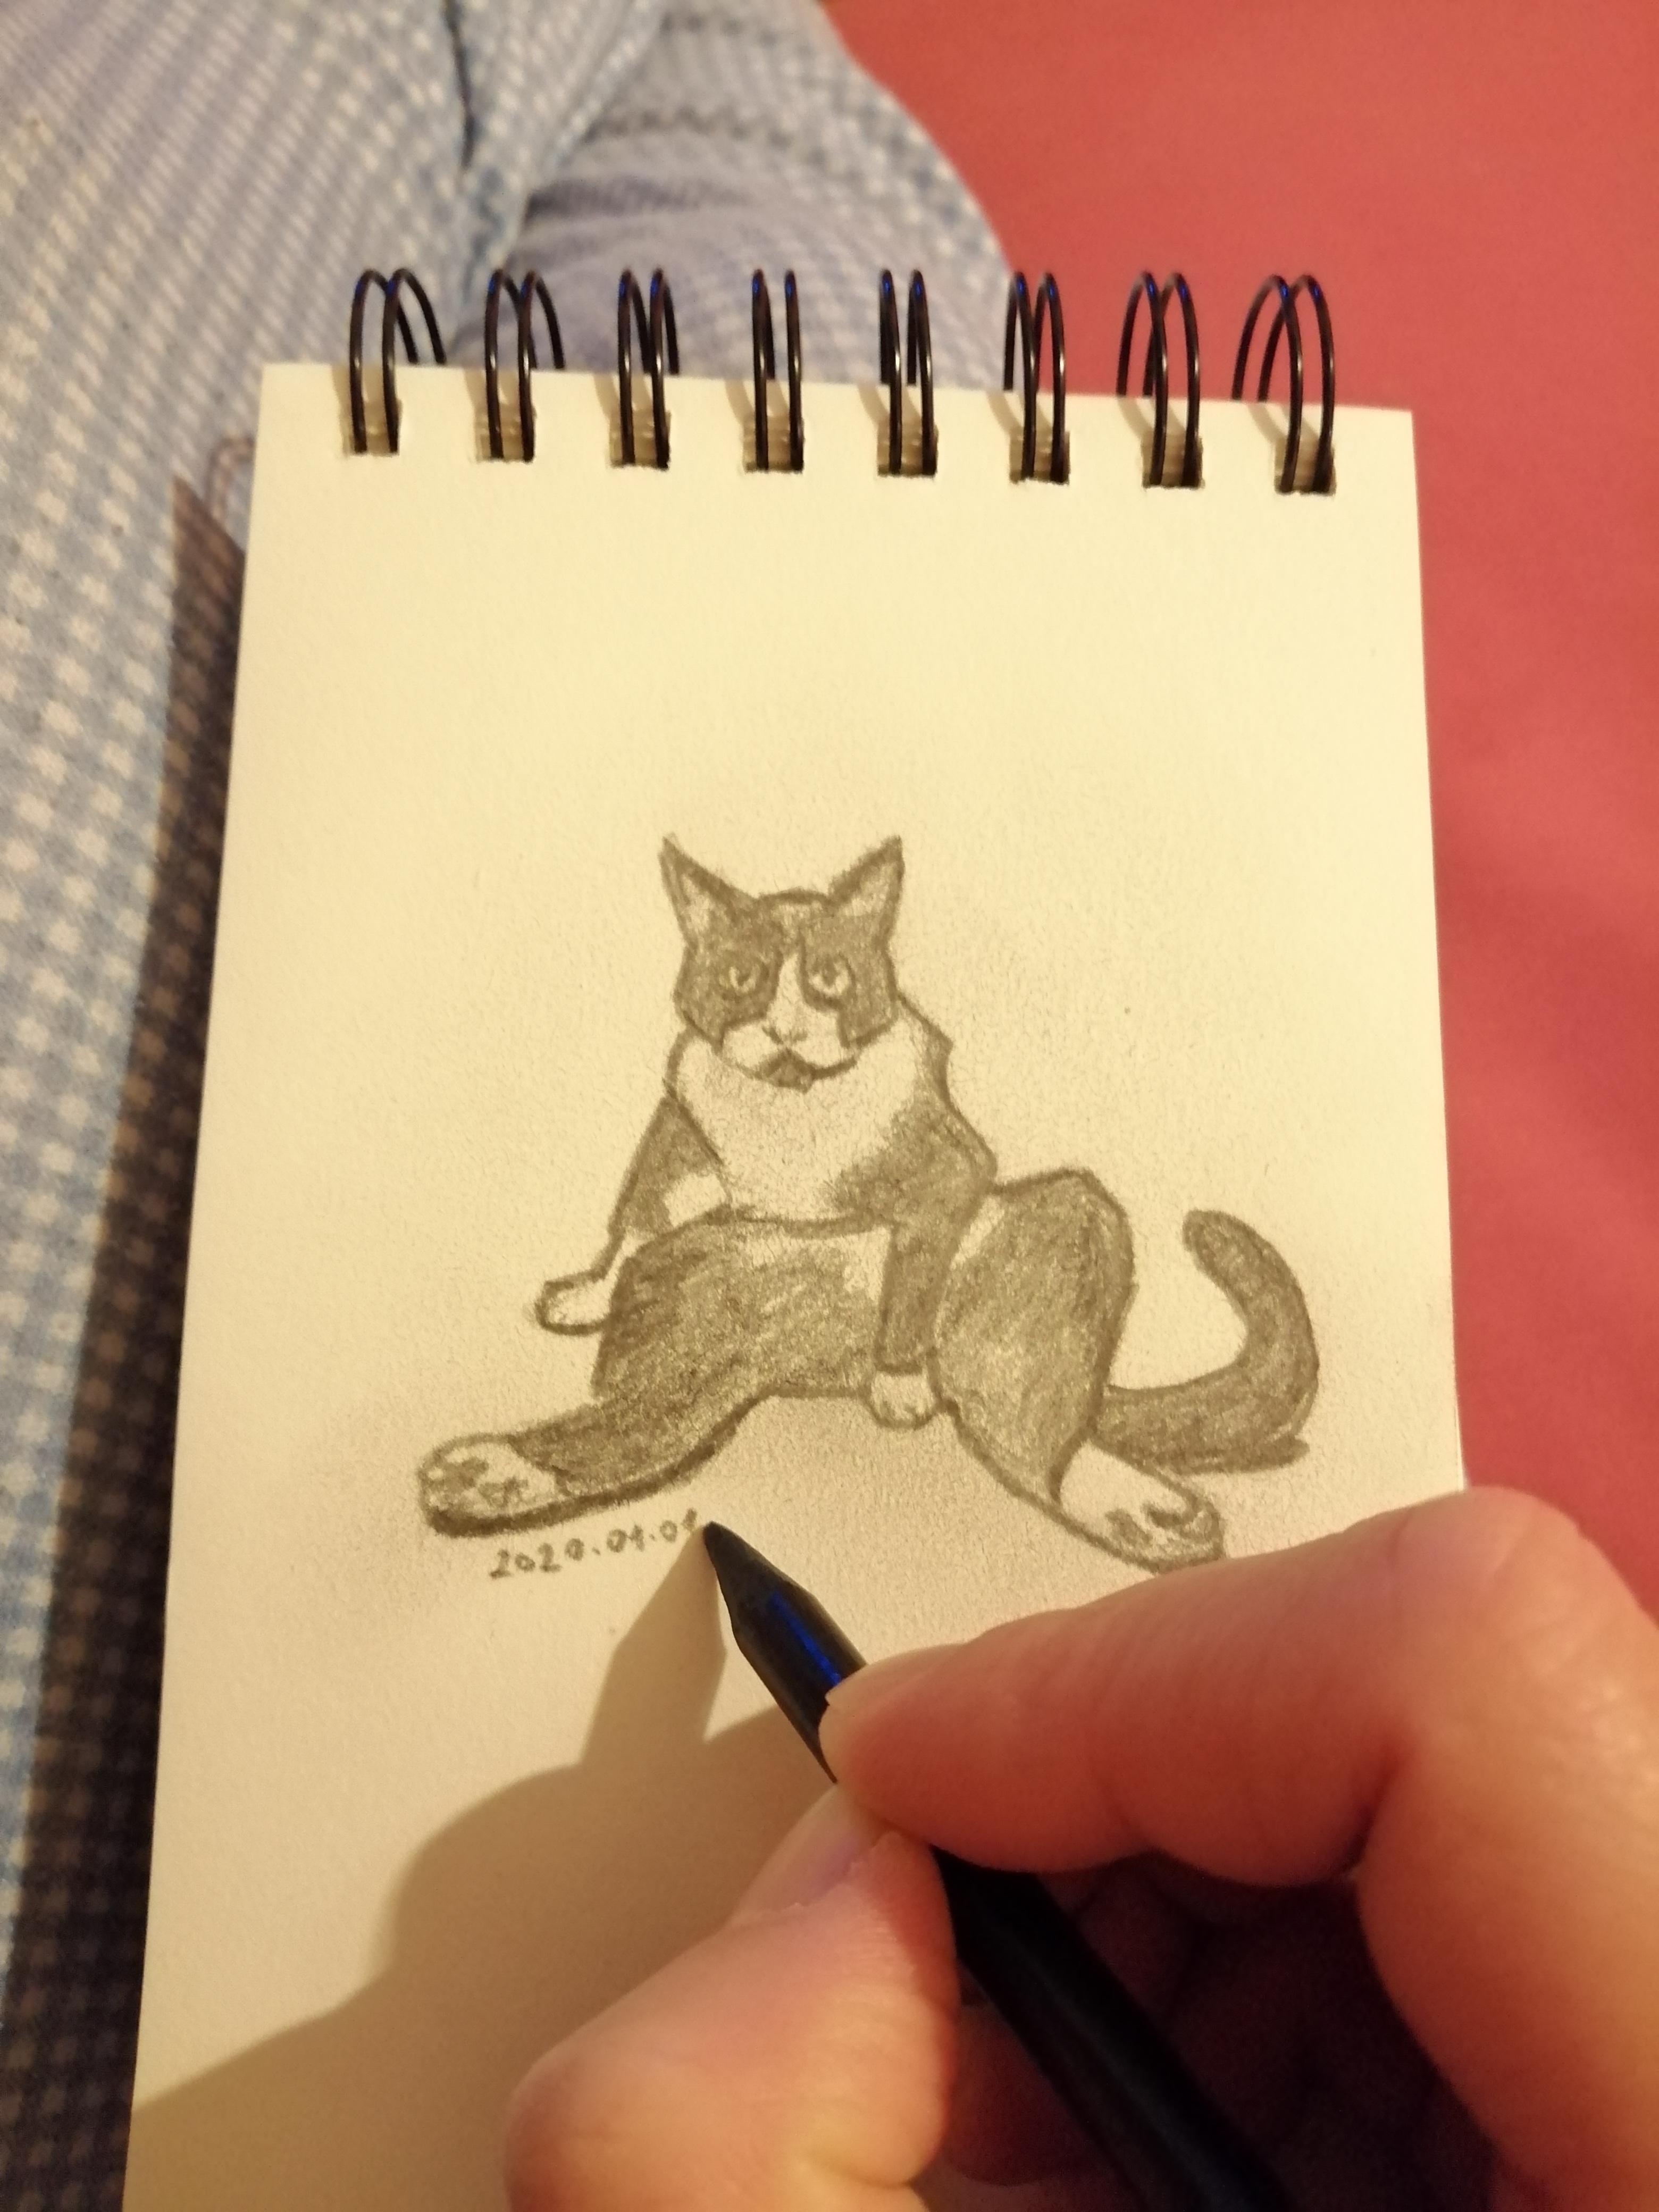 Zokni's sketch